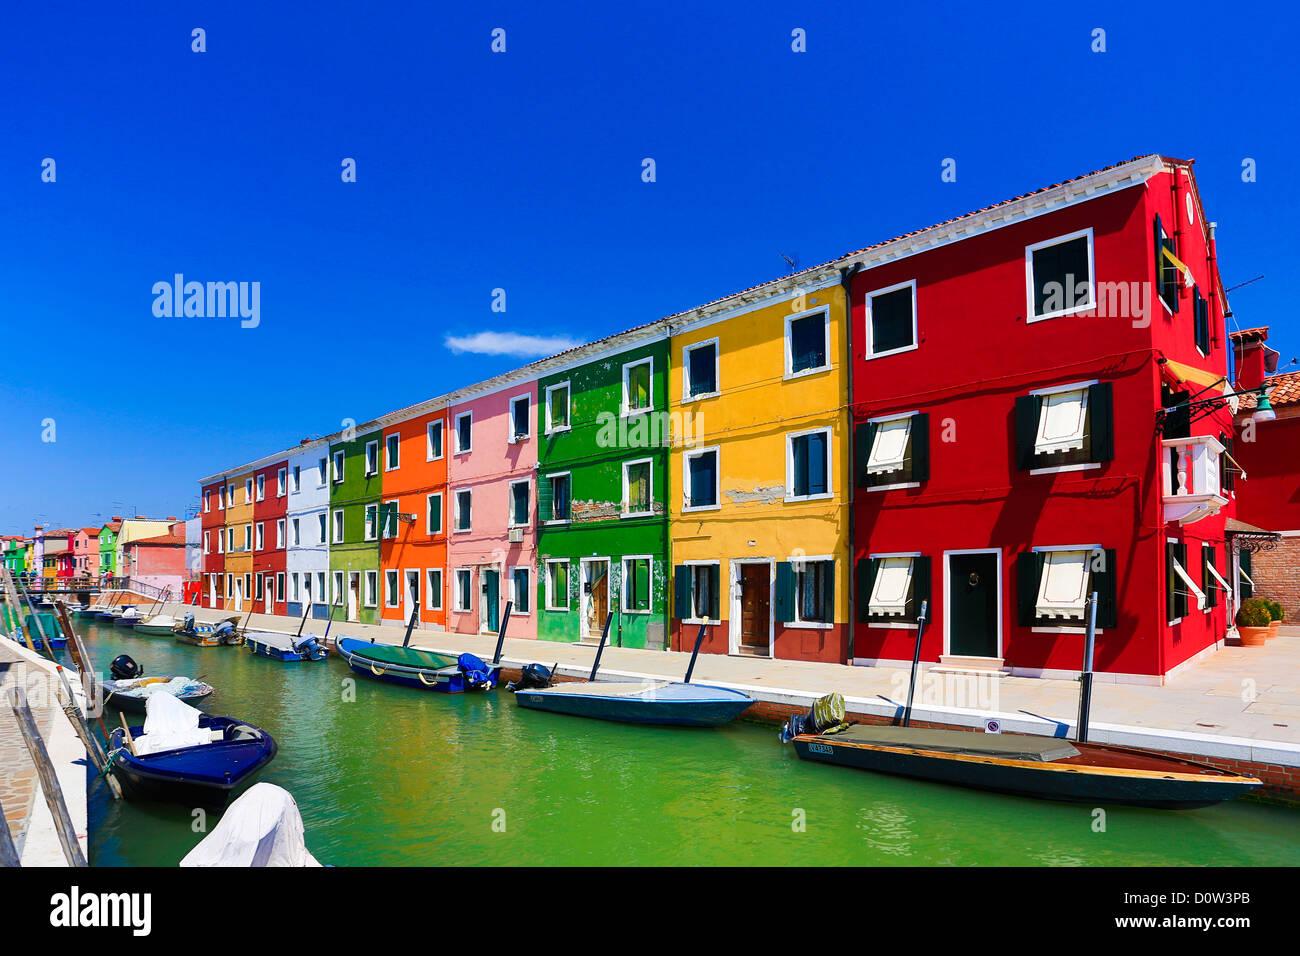 L'Italie, l'Europe, voyage, Burano, architecture, bateau, canal, colorées, couleurs, tourisme, Venise Photo Stock